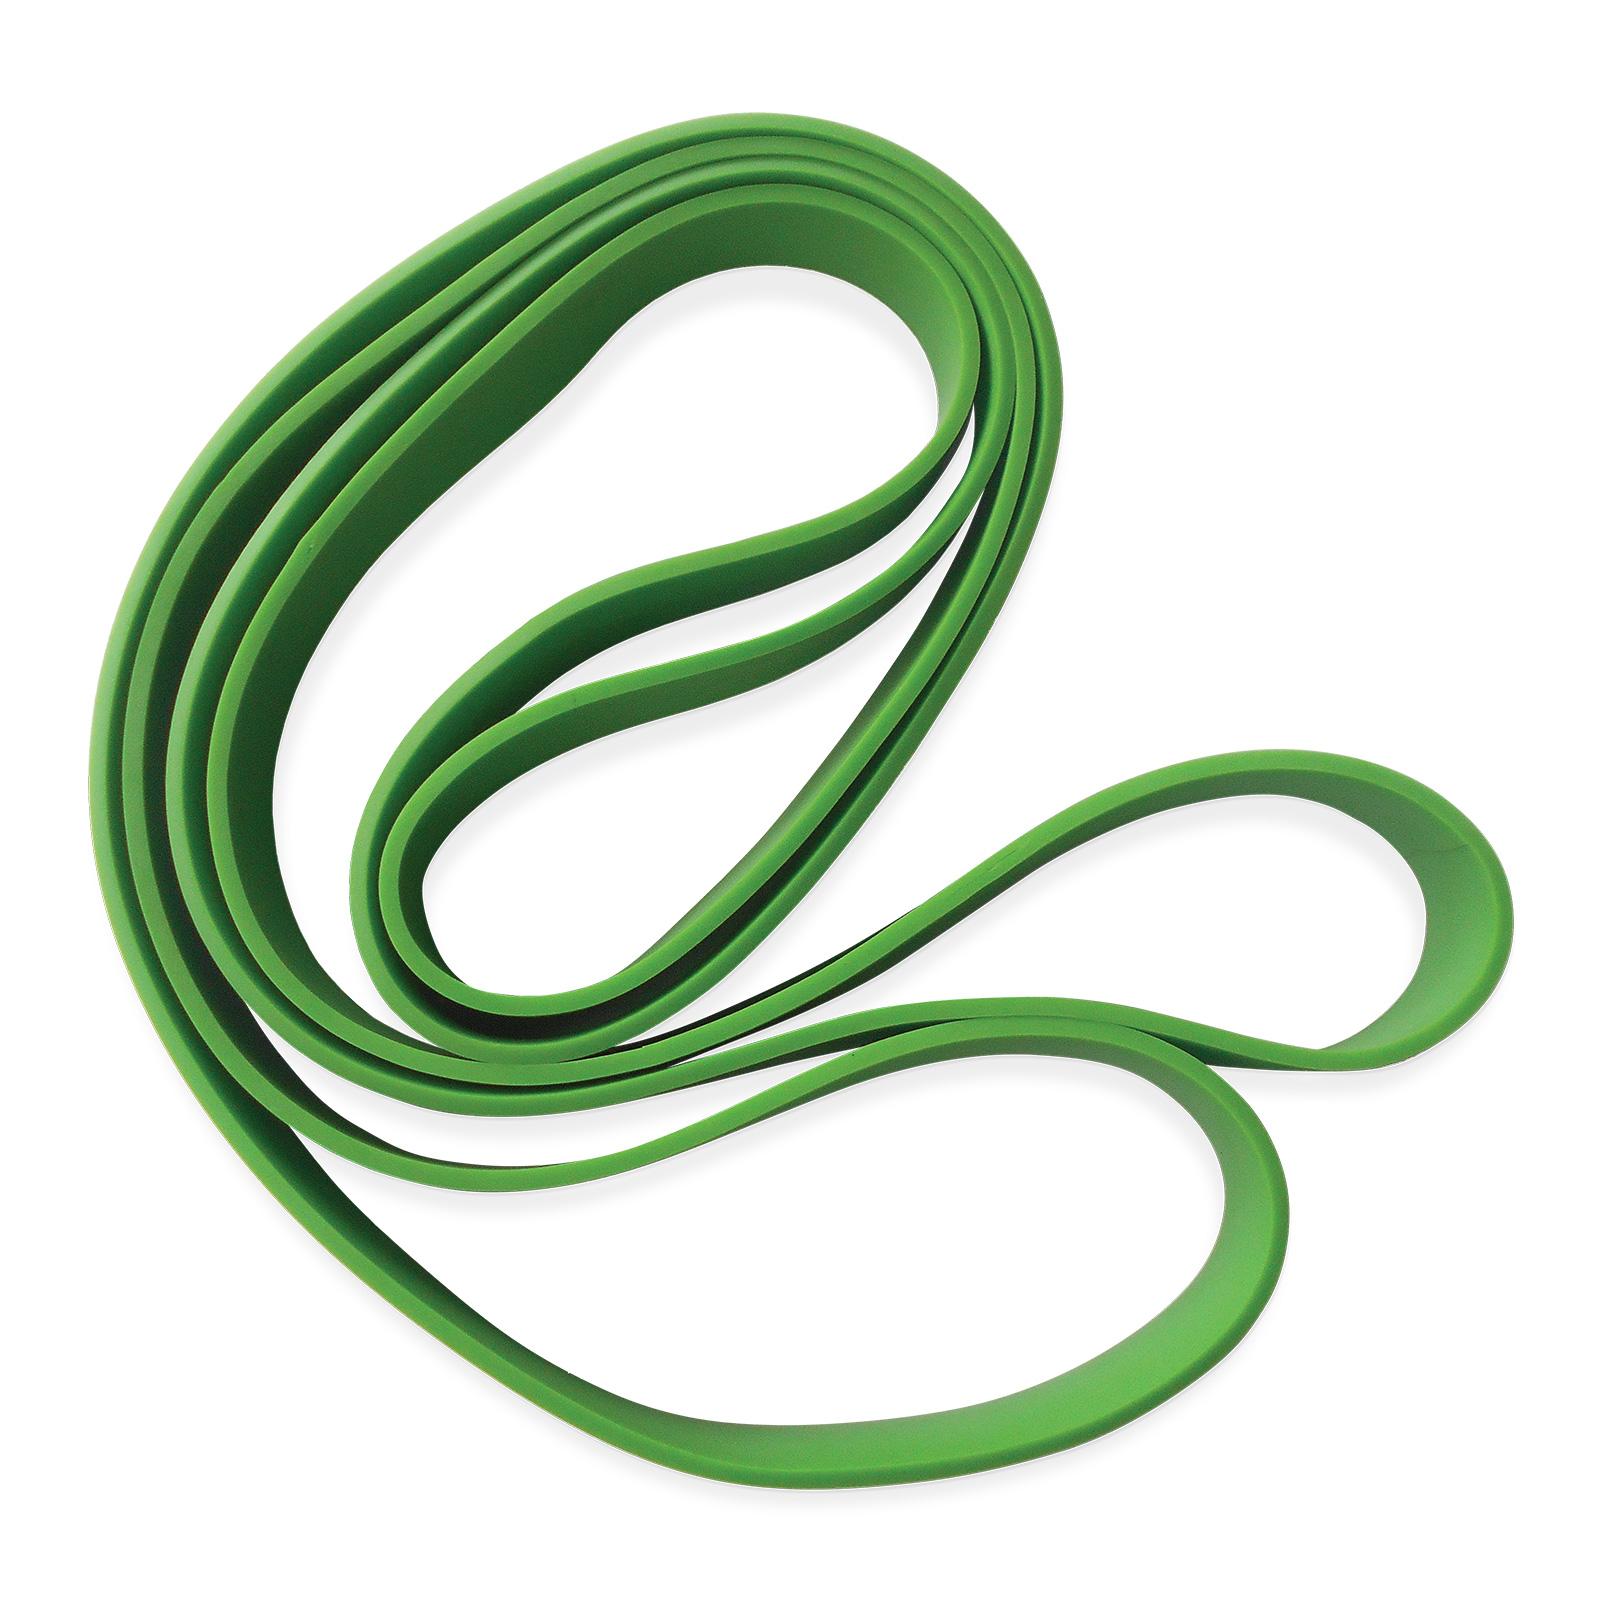 Maxi bande elastique 2m Verte - Moyen